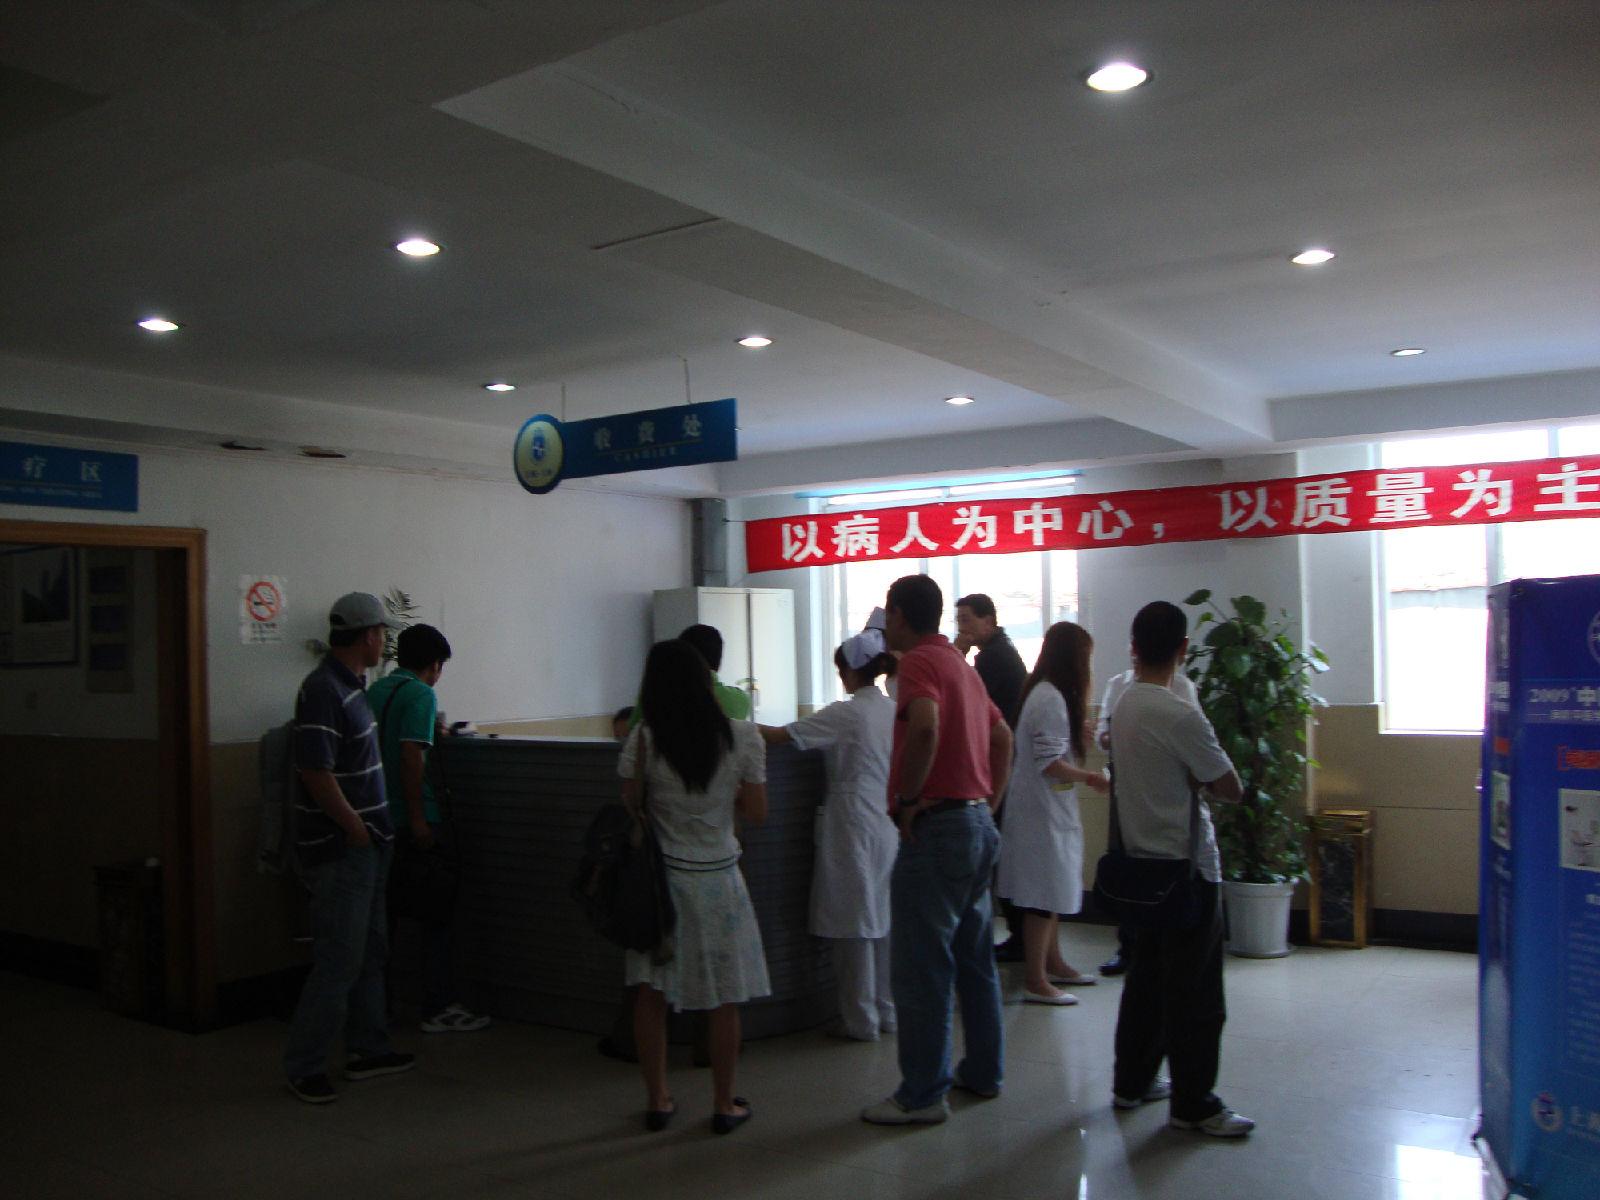 上海江城医院(泌尿外科)--医院曝光台